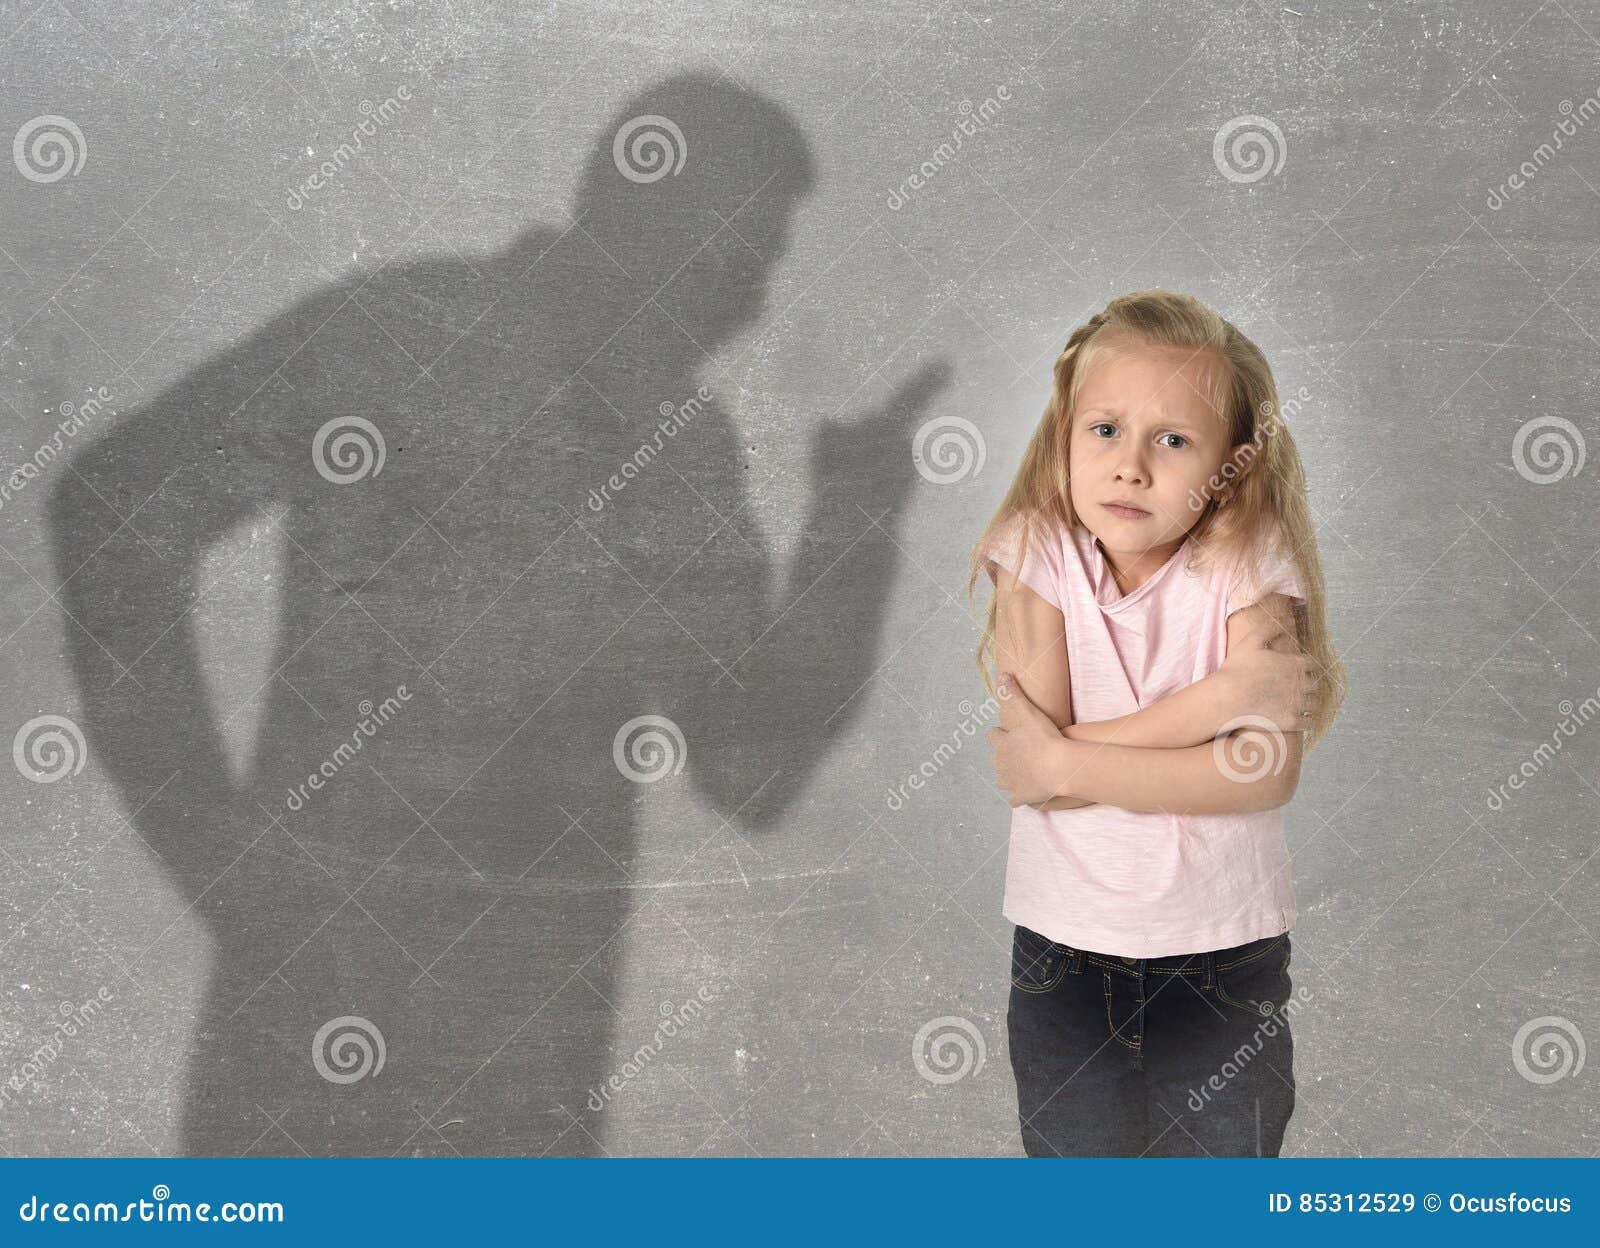 Ojca lub nauczyciela cień krzyczy